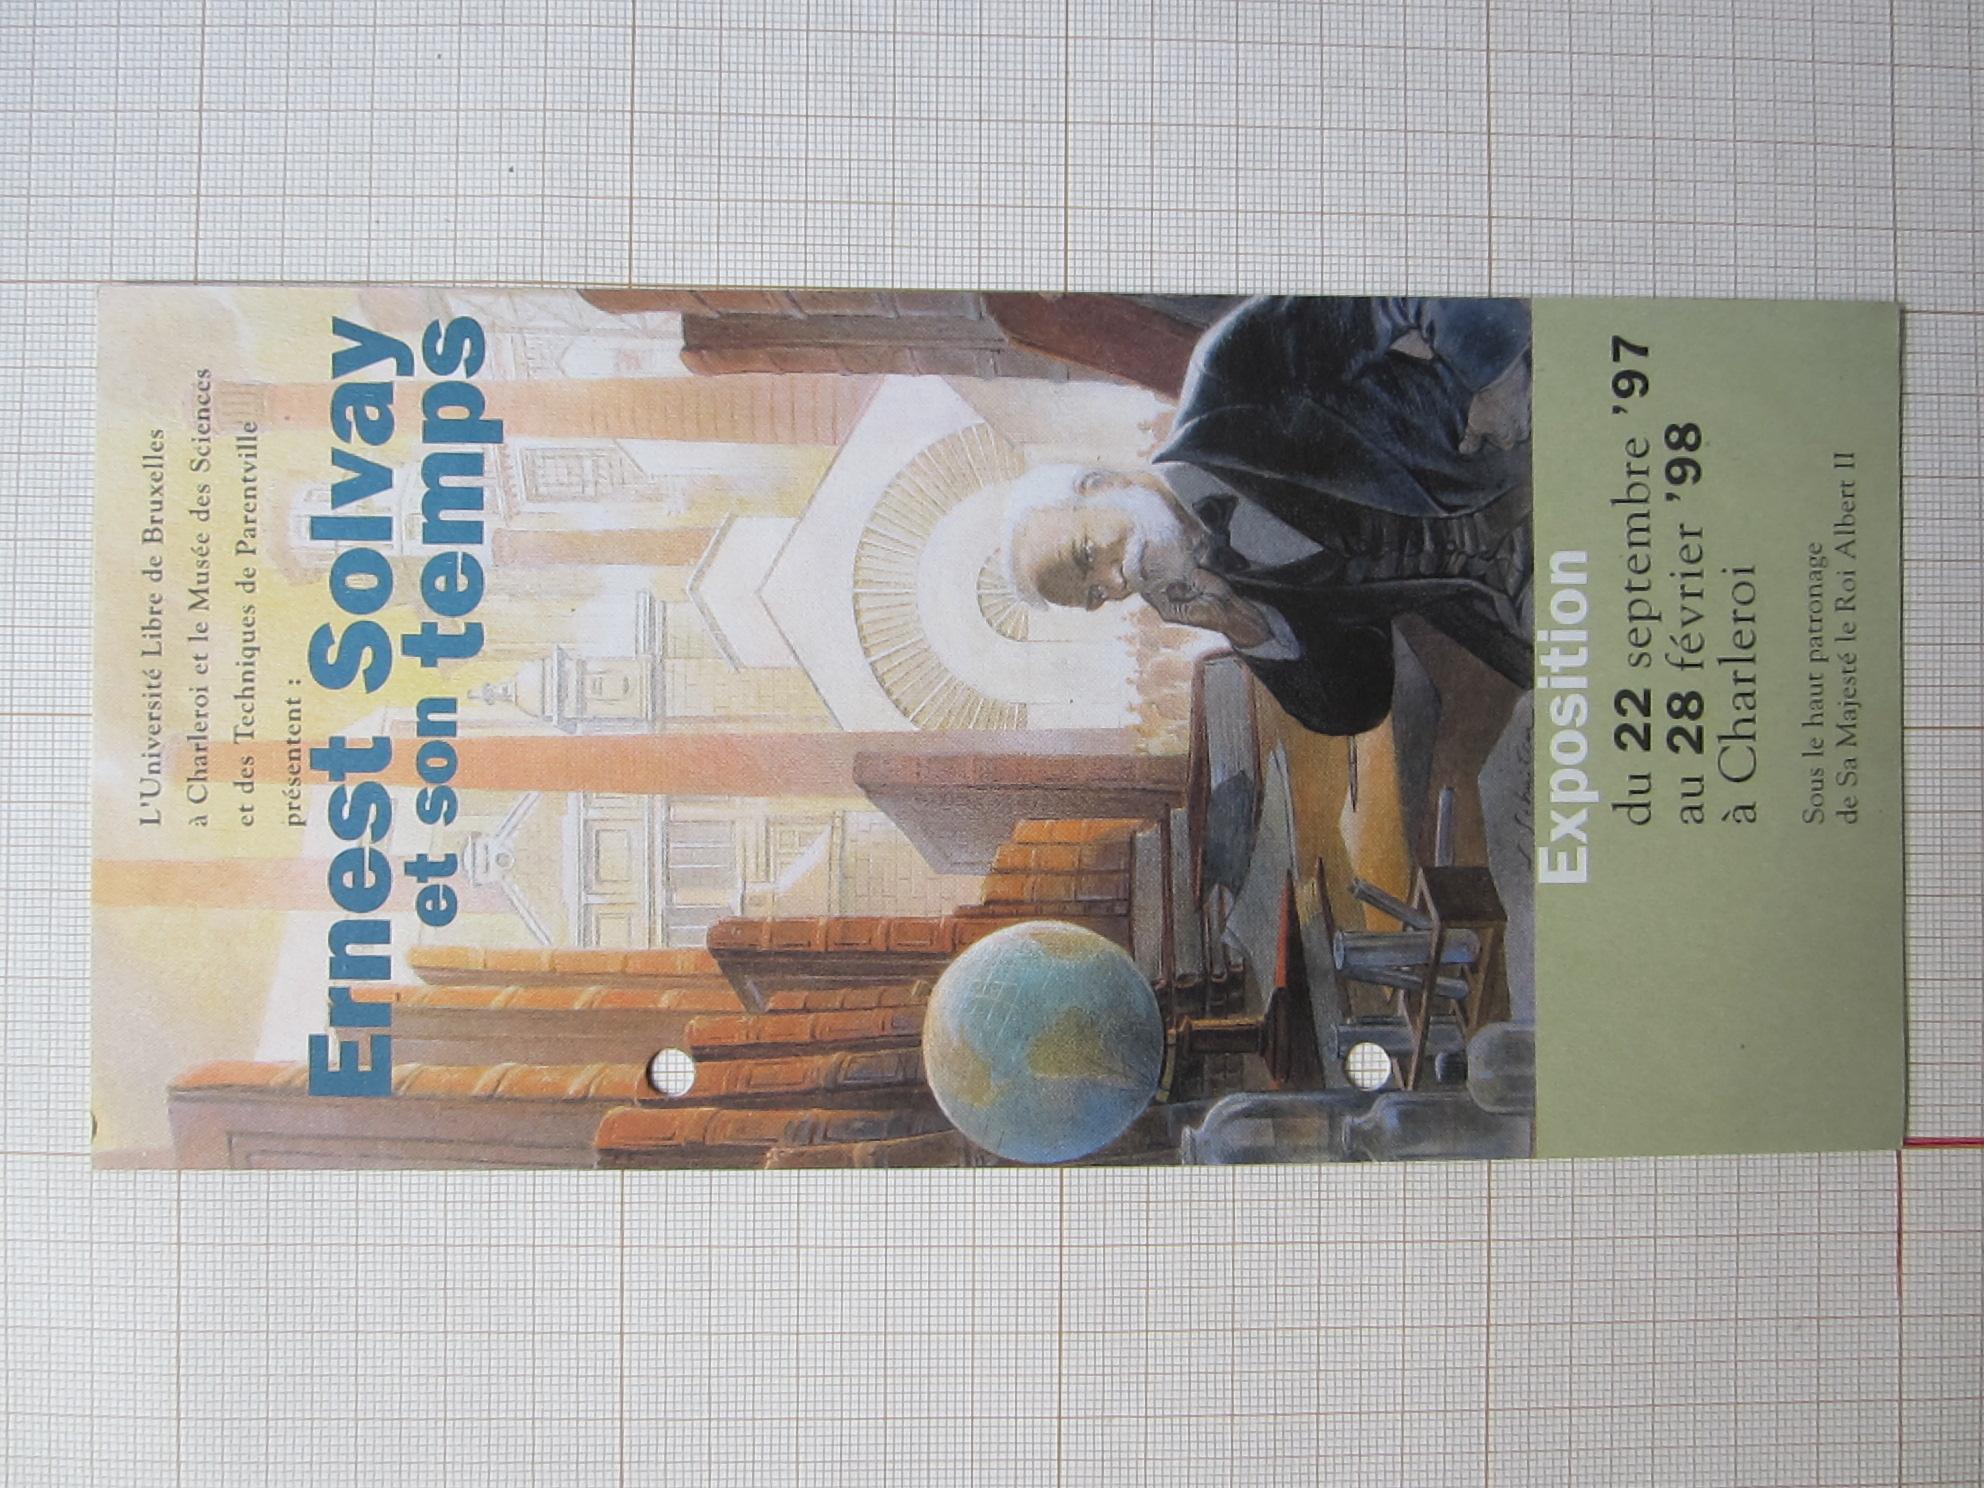 """Invitation exposition """"Ernest Solvay et son temps""""© François Schuiten / Université libre de Bruxelles / Musée des Sciences et des Techniques, 1997"""